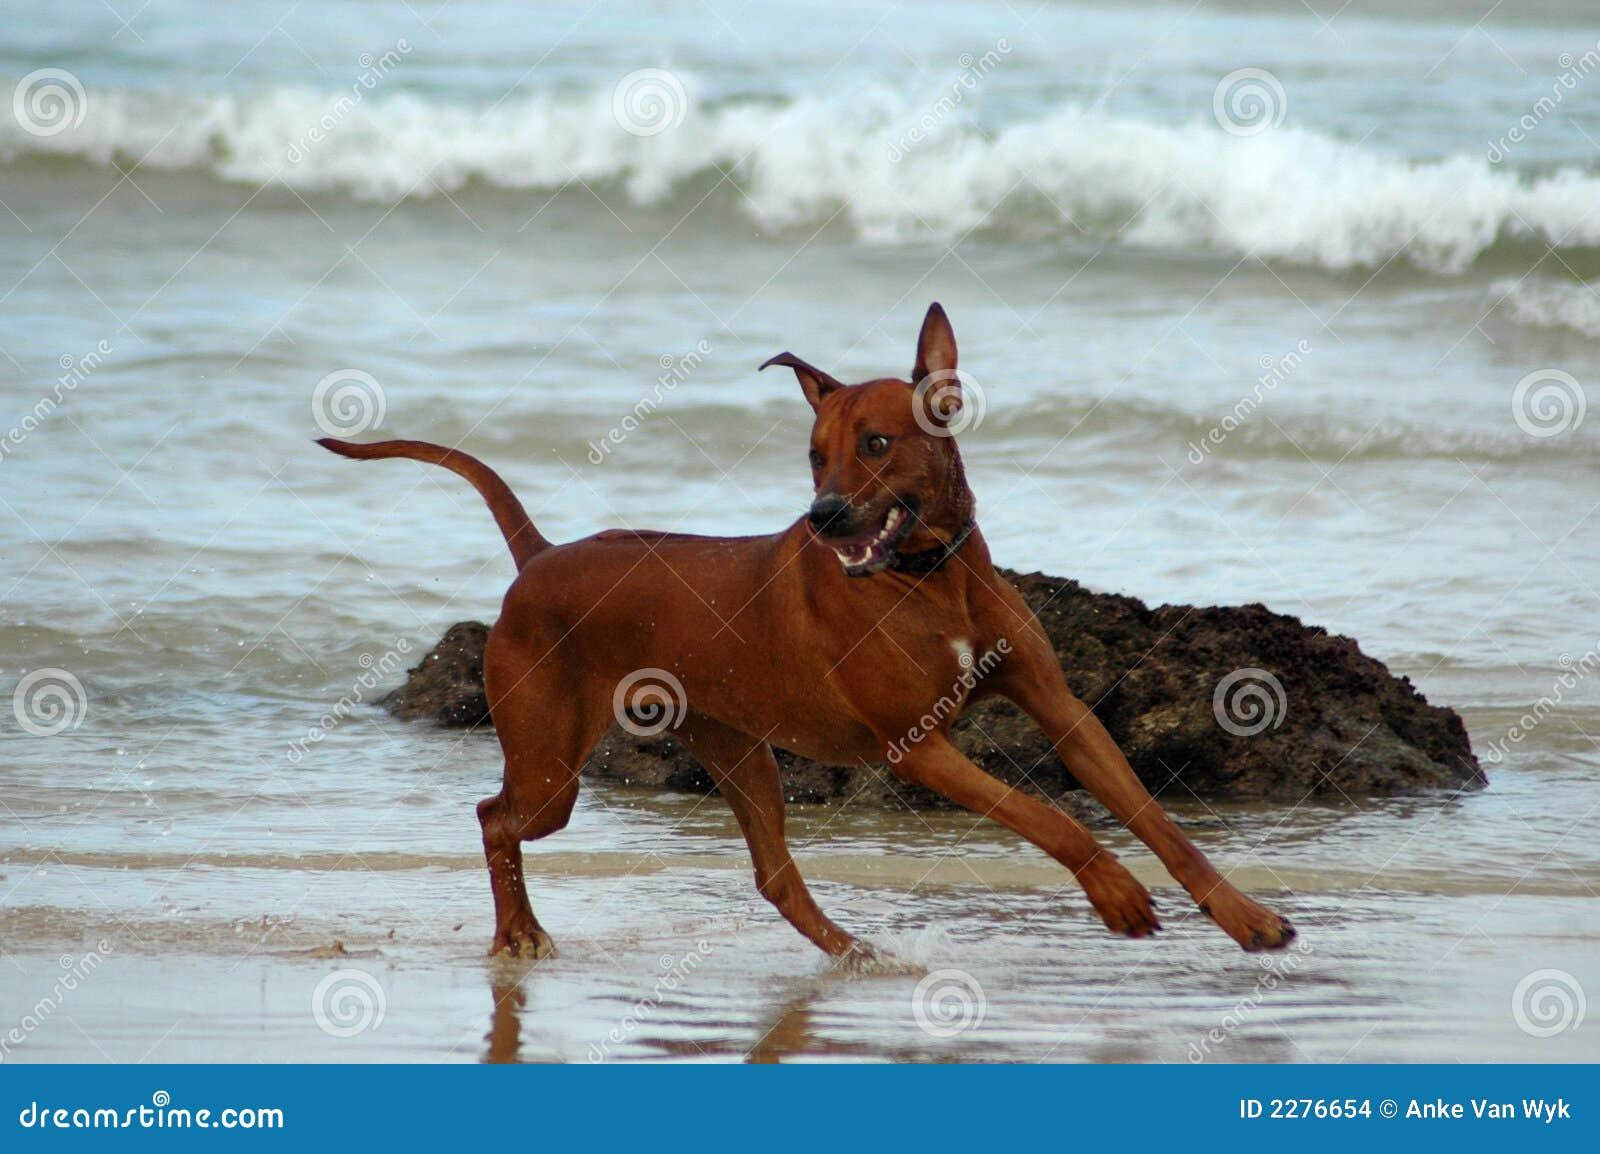 Running Dog Having Fun Stock Images Image 2276654